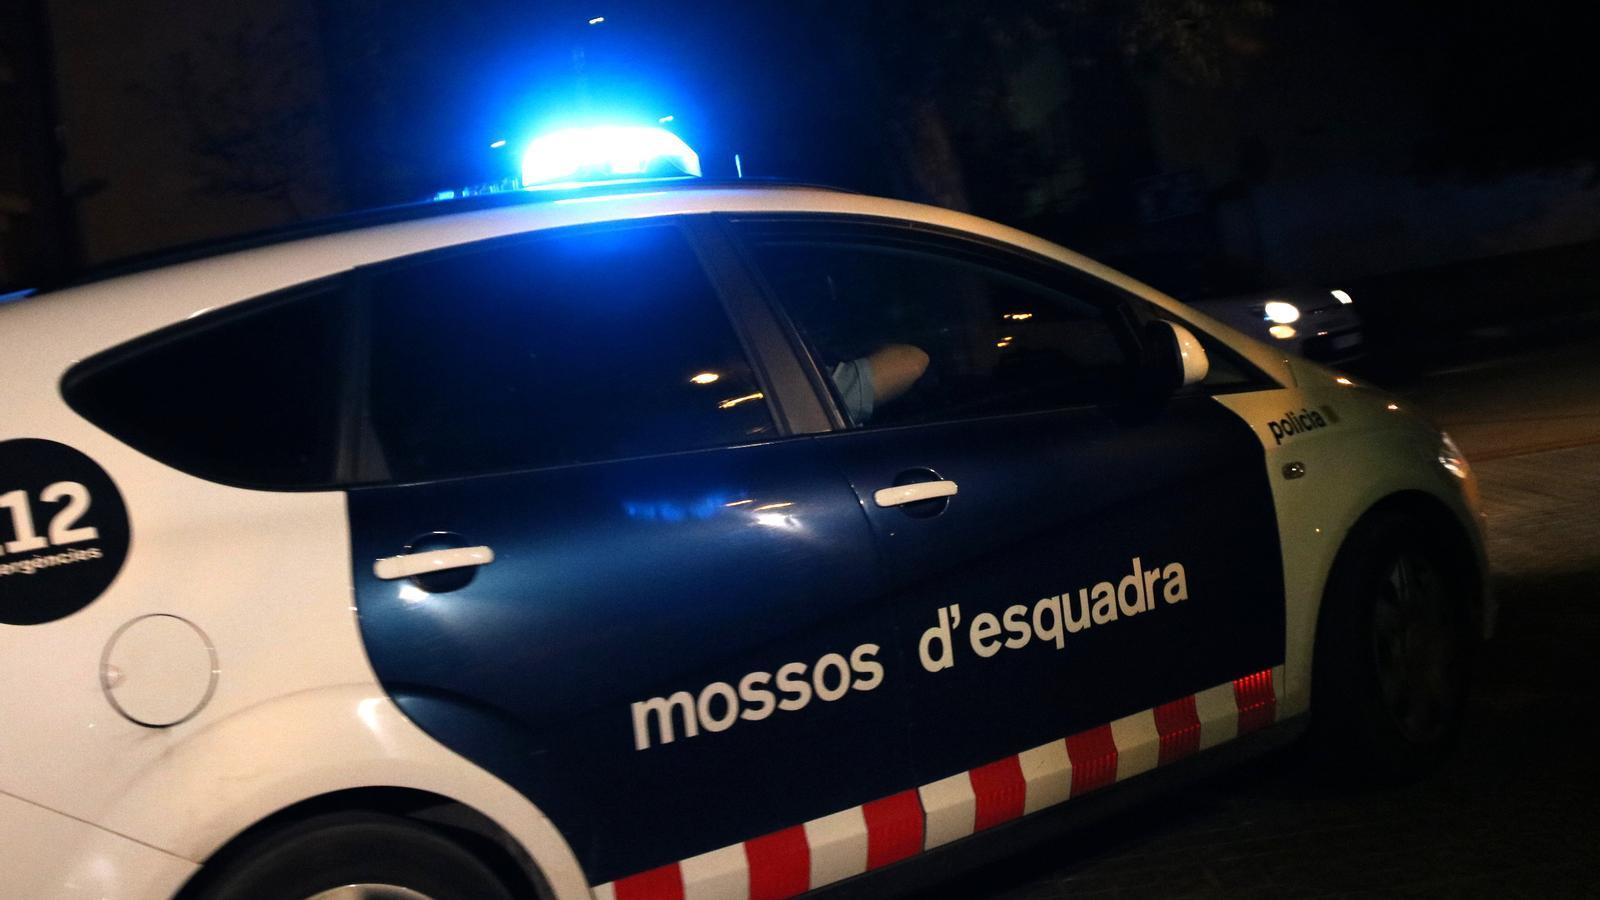 Un cotxe dels Mossos d'Esquadra, enduent-se ahir un dels dos detinguts pel crim del pantà de Foix del jutjat d'instrucció número 8 de Vilanova i la Geltrú